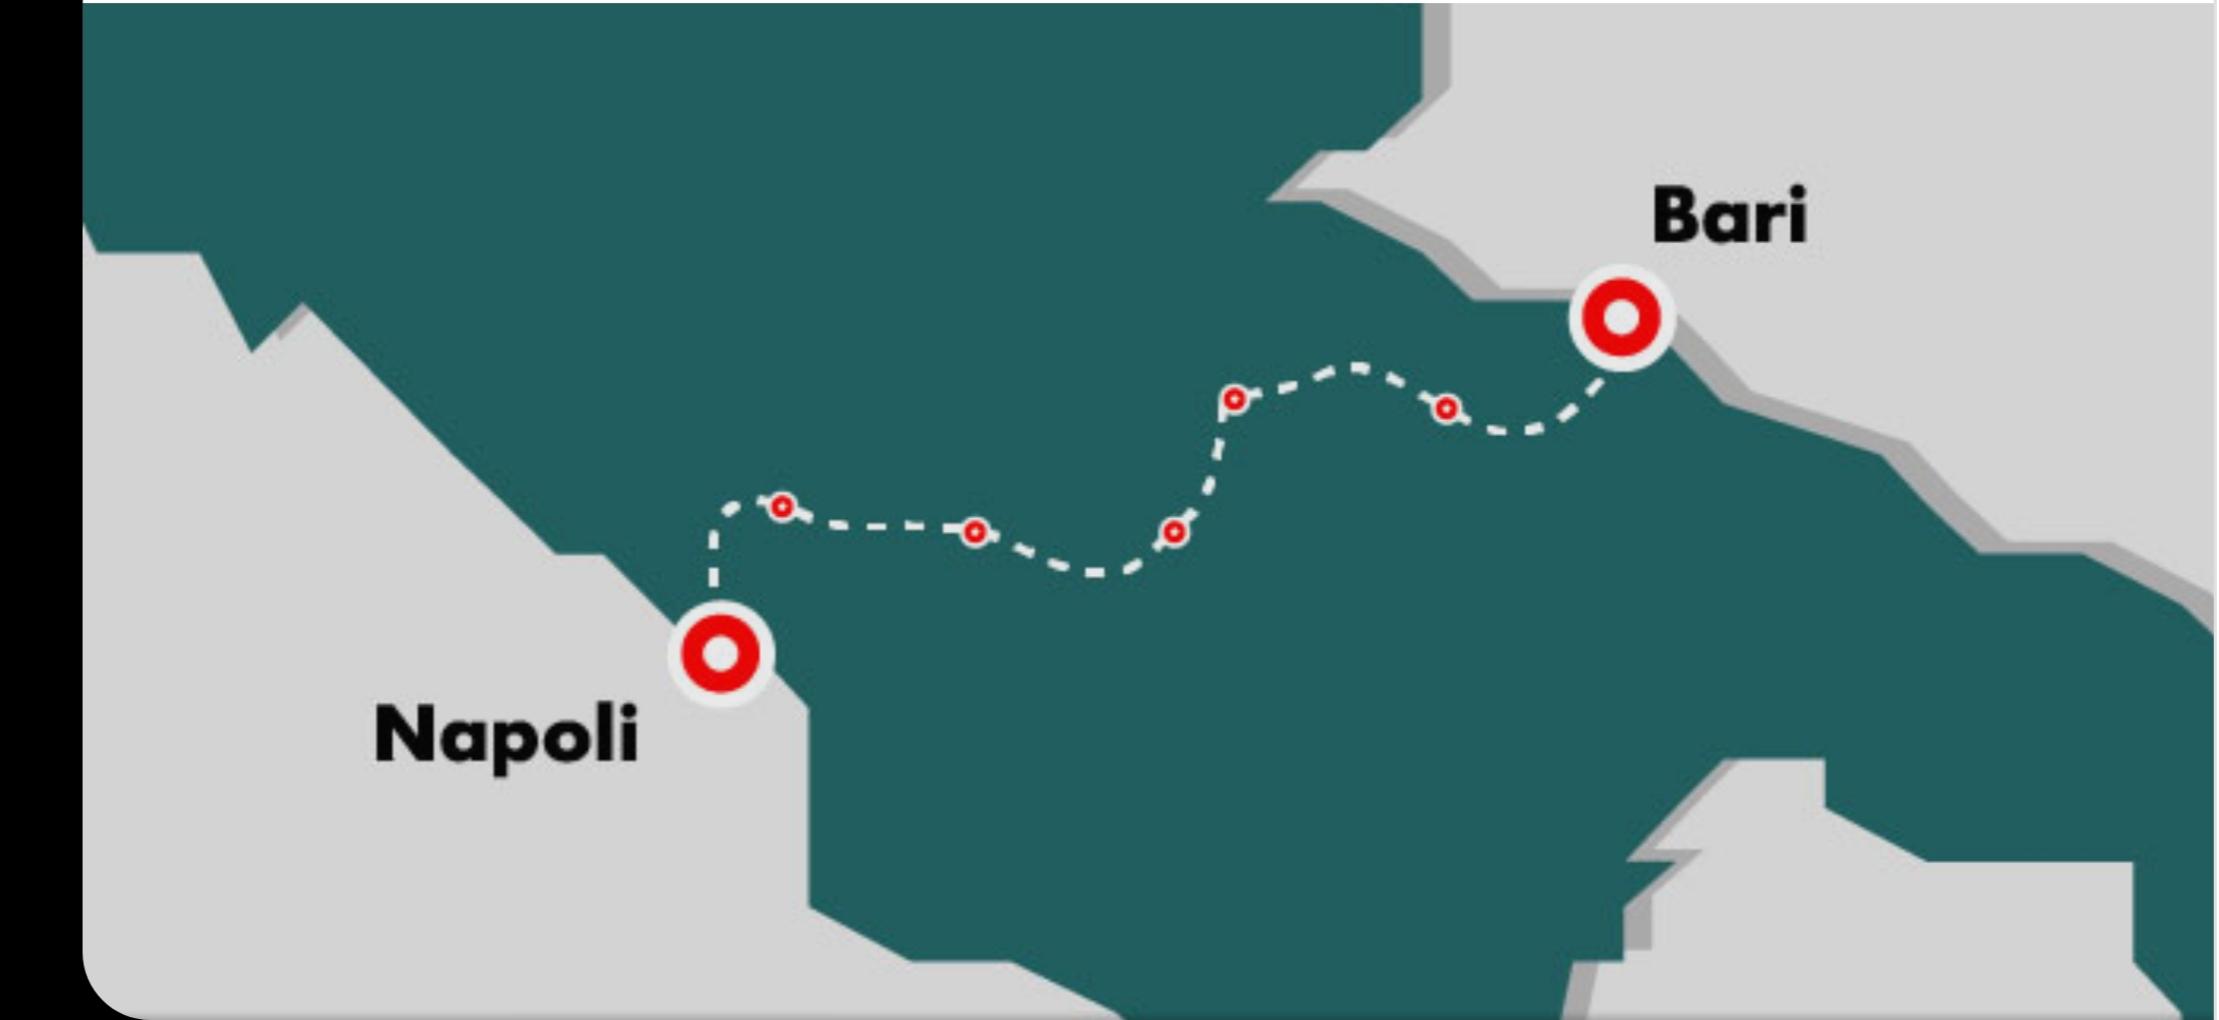 Trenitalia – Alta velocità, collegamento Bari- Napoli pronto nel 2023. IL PROGETTO BATmagazine – Notizie d'approfondimento di Barletta Andria Trani – provincia bat – Provincia Barletta Andria Trani. Cronaca, politica, sport, economia, cultura e attualità